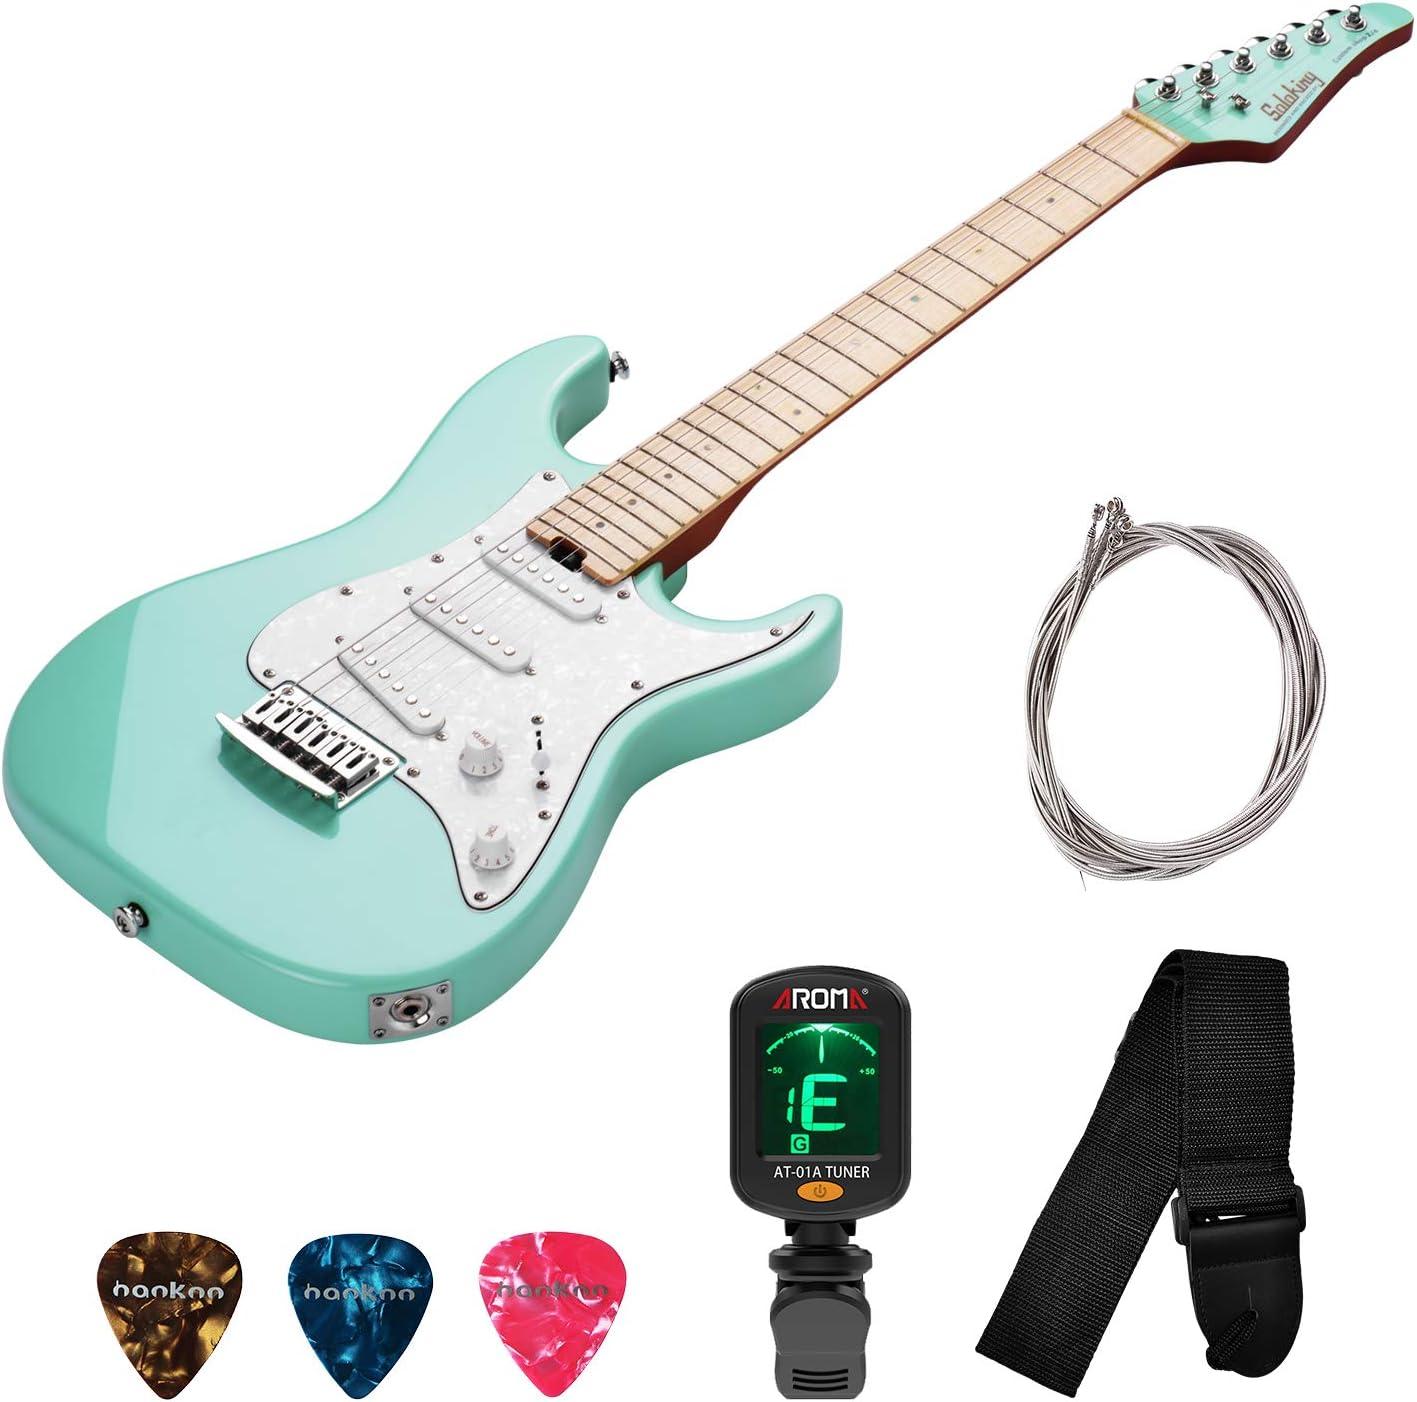 Mini 2/4 Guitarra eléctrica atornillada para diestros Cuerpo de aliso Diapasón de mástil de arce Placa protectora de perla blanca Pastilla SSS para niños principiantes con juego de cuerdas Correa